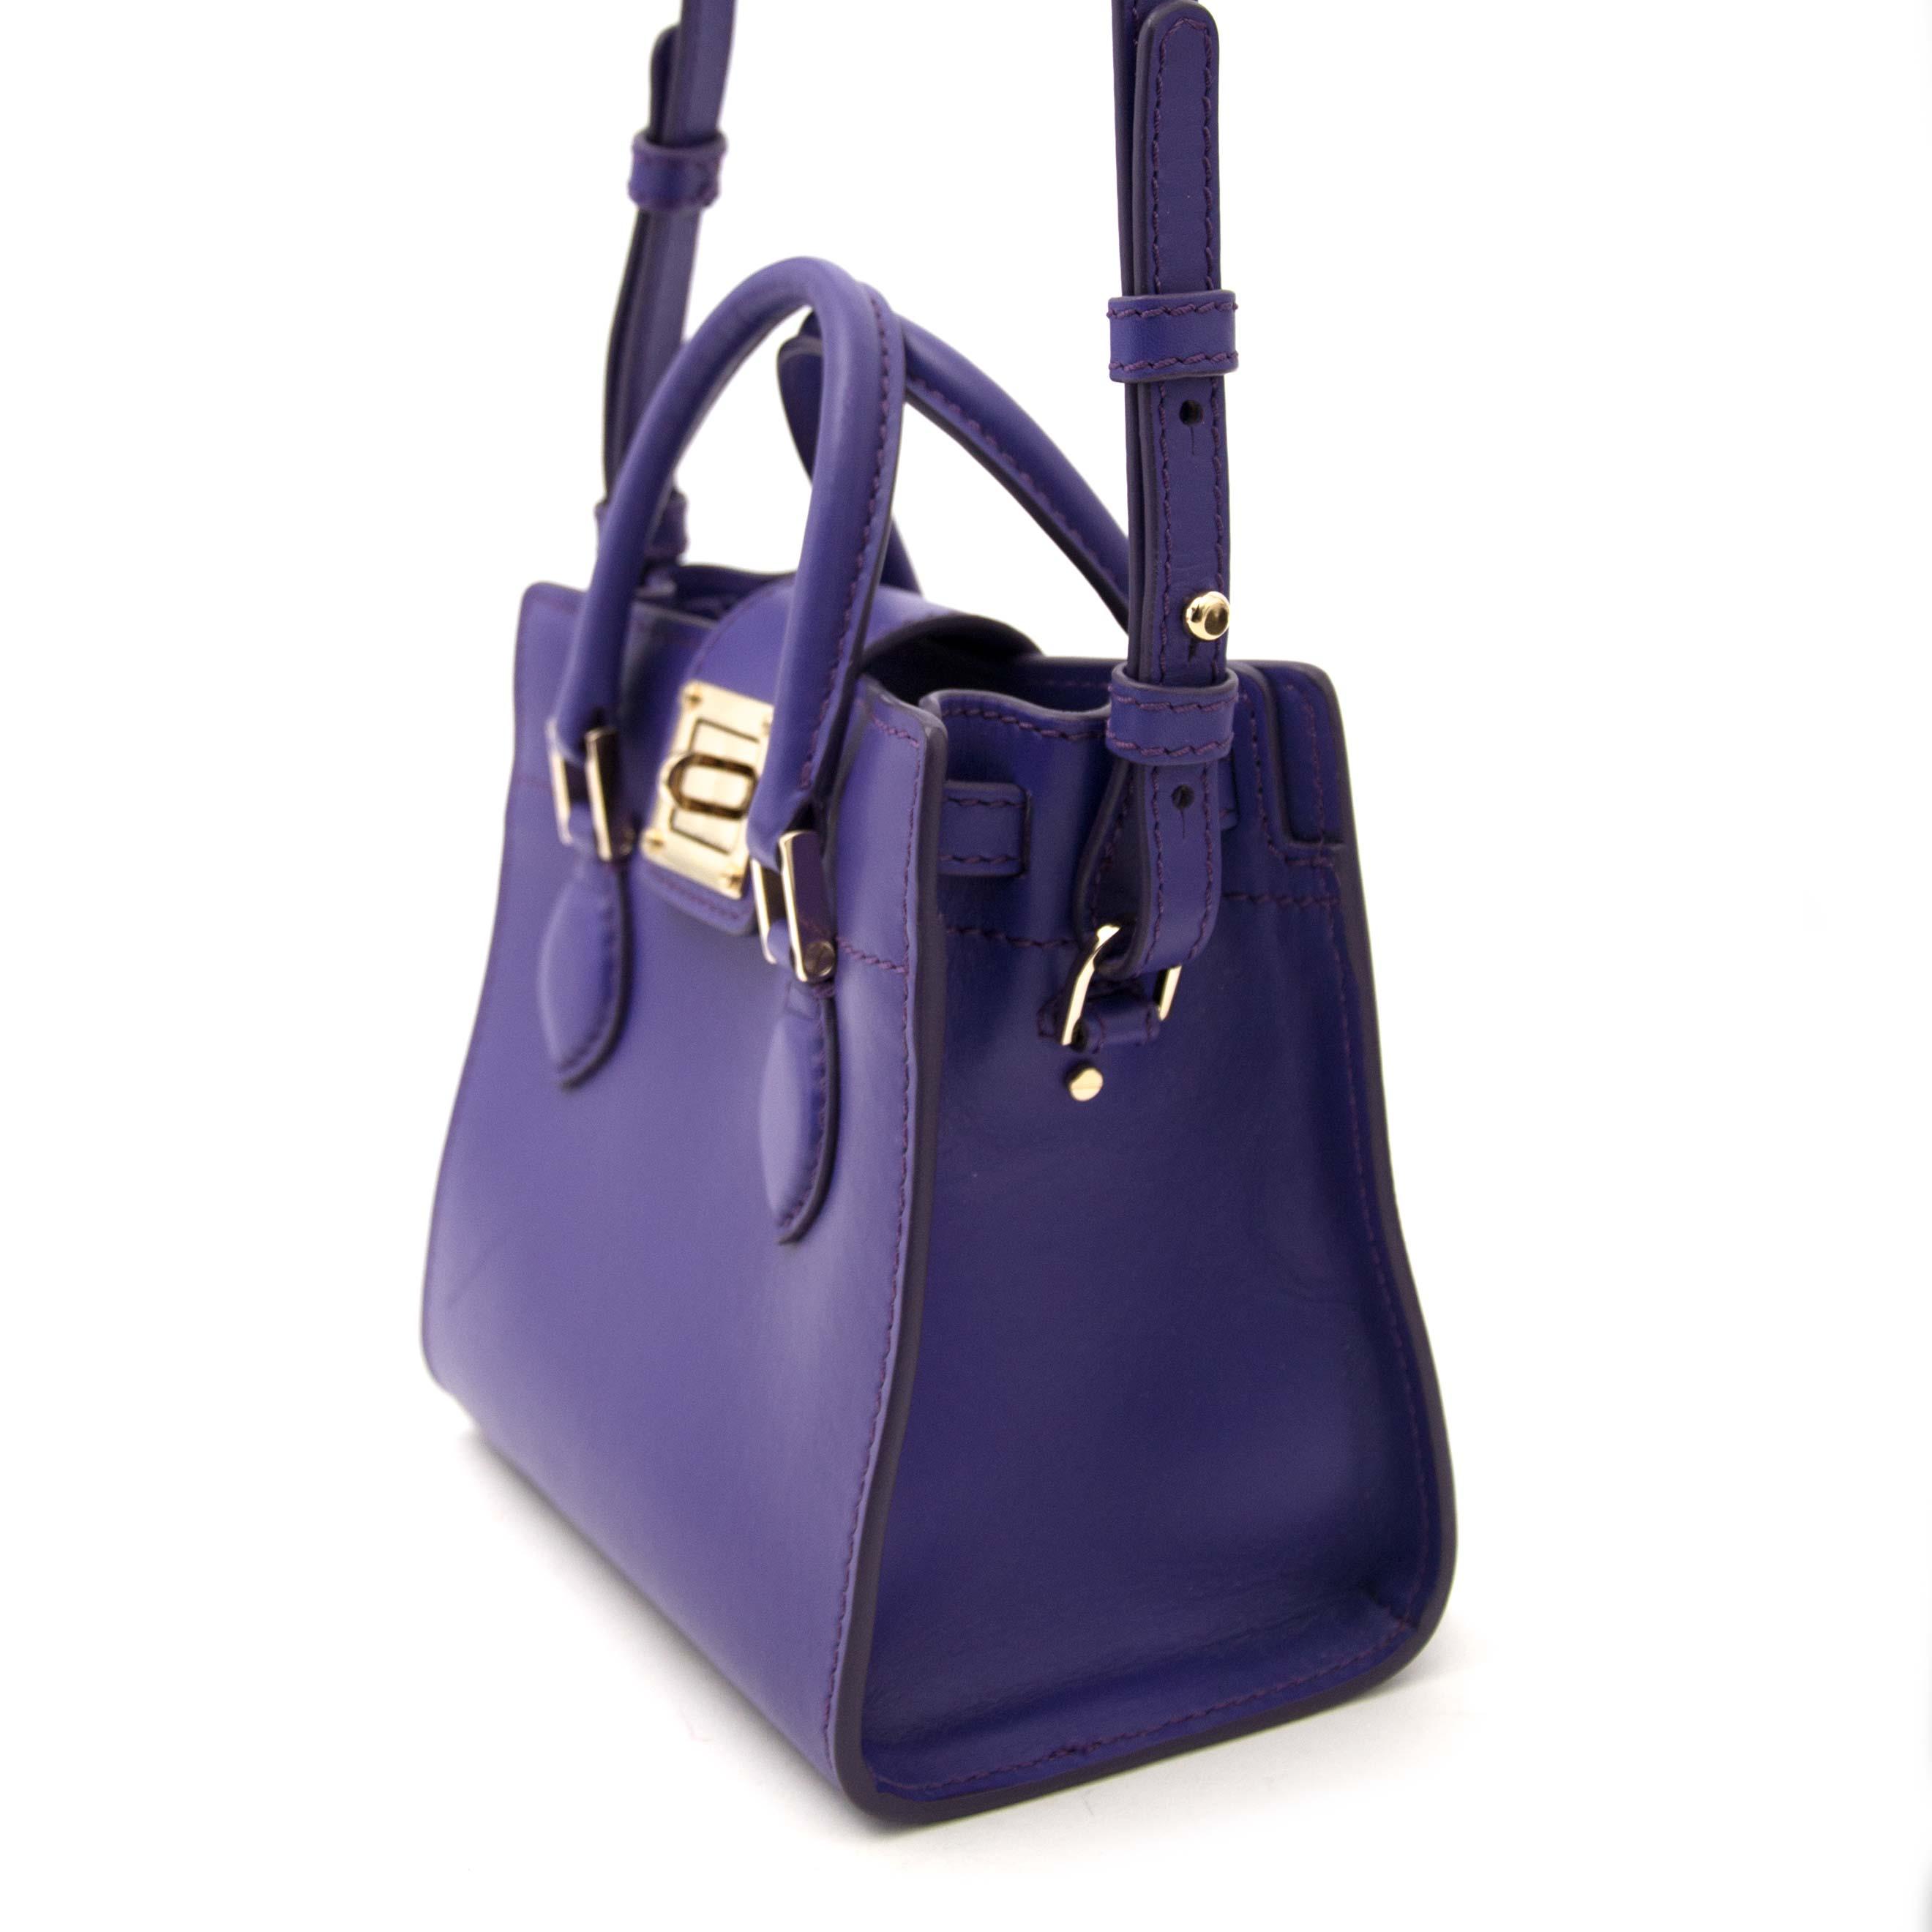 Acheter votre Roberto Cavalli Purple Box sac pour le meilleur prix chez Labellov